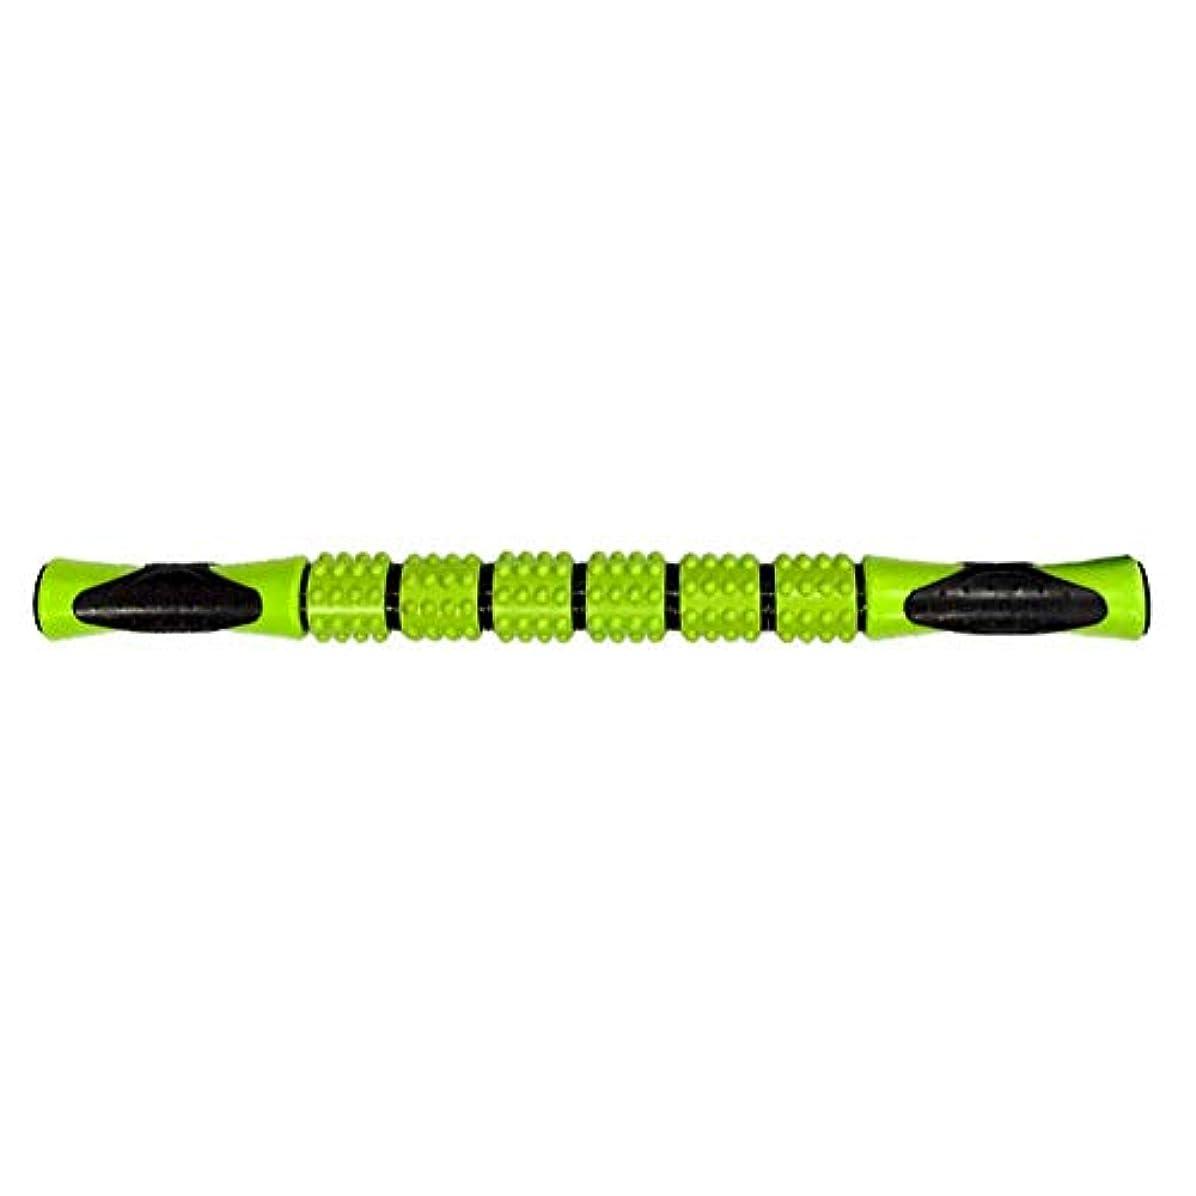 スポンサーペナルティ驚いたマッサージスティック 筋弛緩ローラー 腰痛 リガーポイント 筋膜 マッサージャー ト ヨガ フィットネススポーツフェイシアスティック持ち運び便利 痛を改善 筋筋膜リリース(緑色)